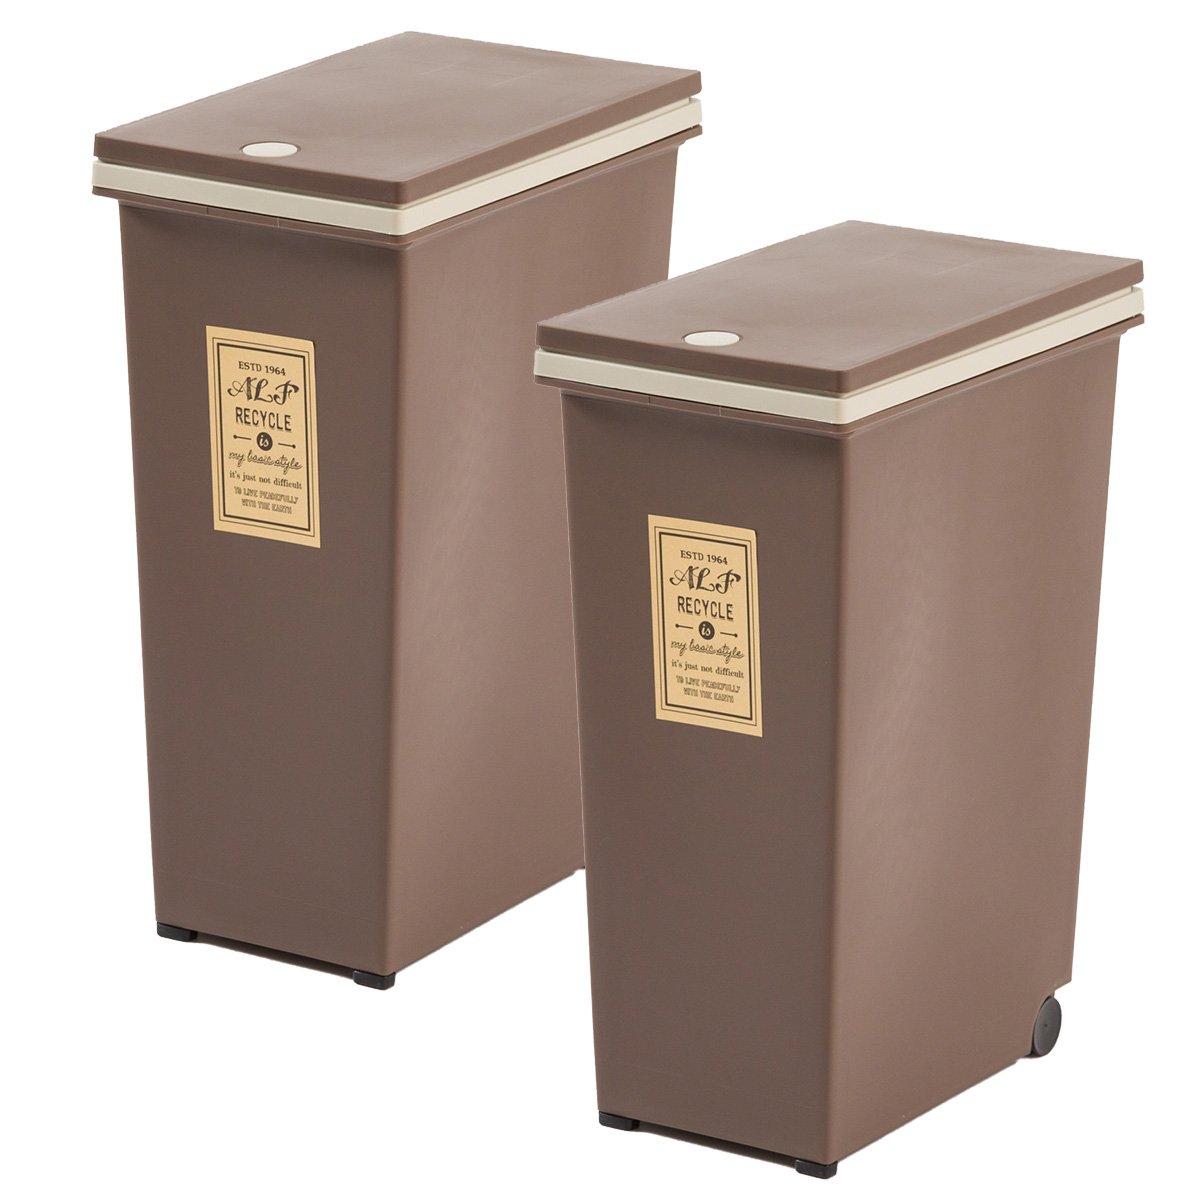 【一気にオシャレ感アップ!中の袋が見えないダストボックス 45L×2個(お得な同色セット)】 便利な移動キャスター付き ワンプッシュ開閉ふた(取り外し可能) 2個セットで4分別可能ごみ箱 (ブラウン色) B076VDMRGN ブラウン ブラウン